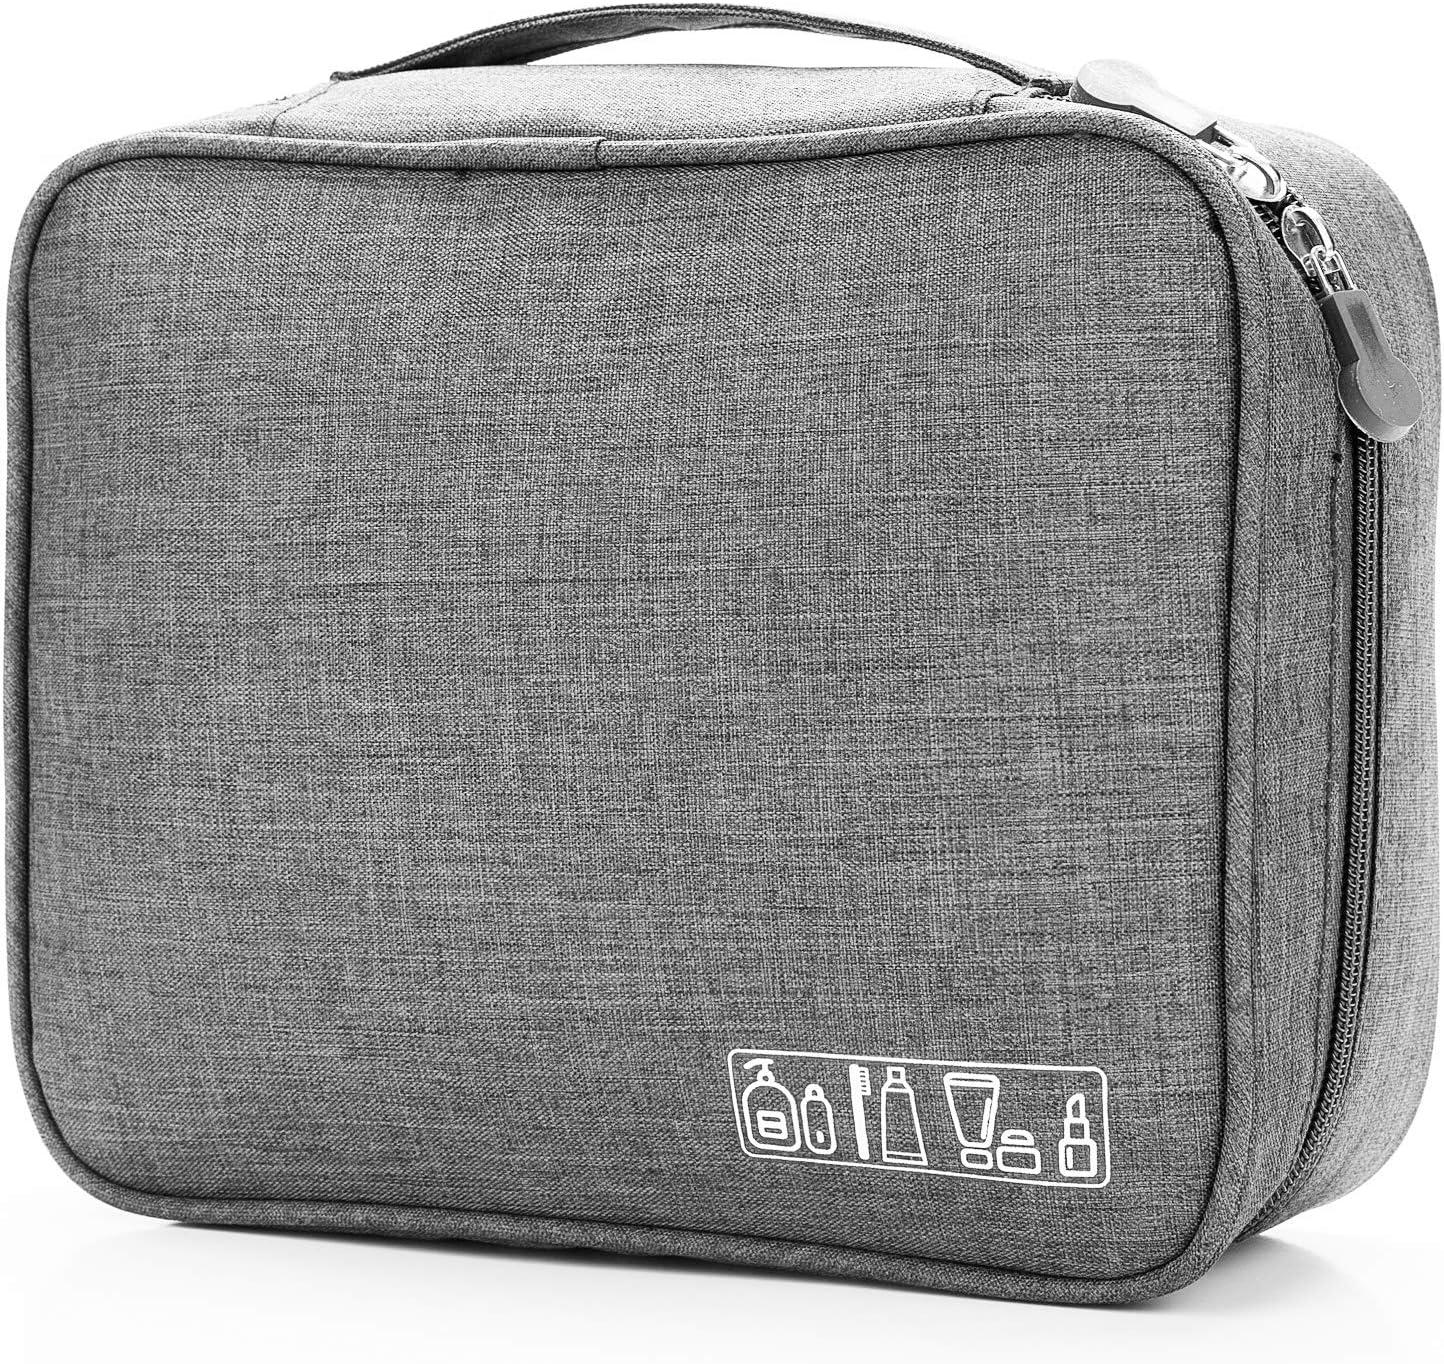 gris trousse de maquillage /étanche organiseurs de voyage trousse de maquillage portable sac de rangement pour femmes hommes Trousse de maquillage